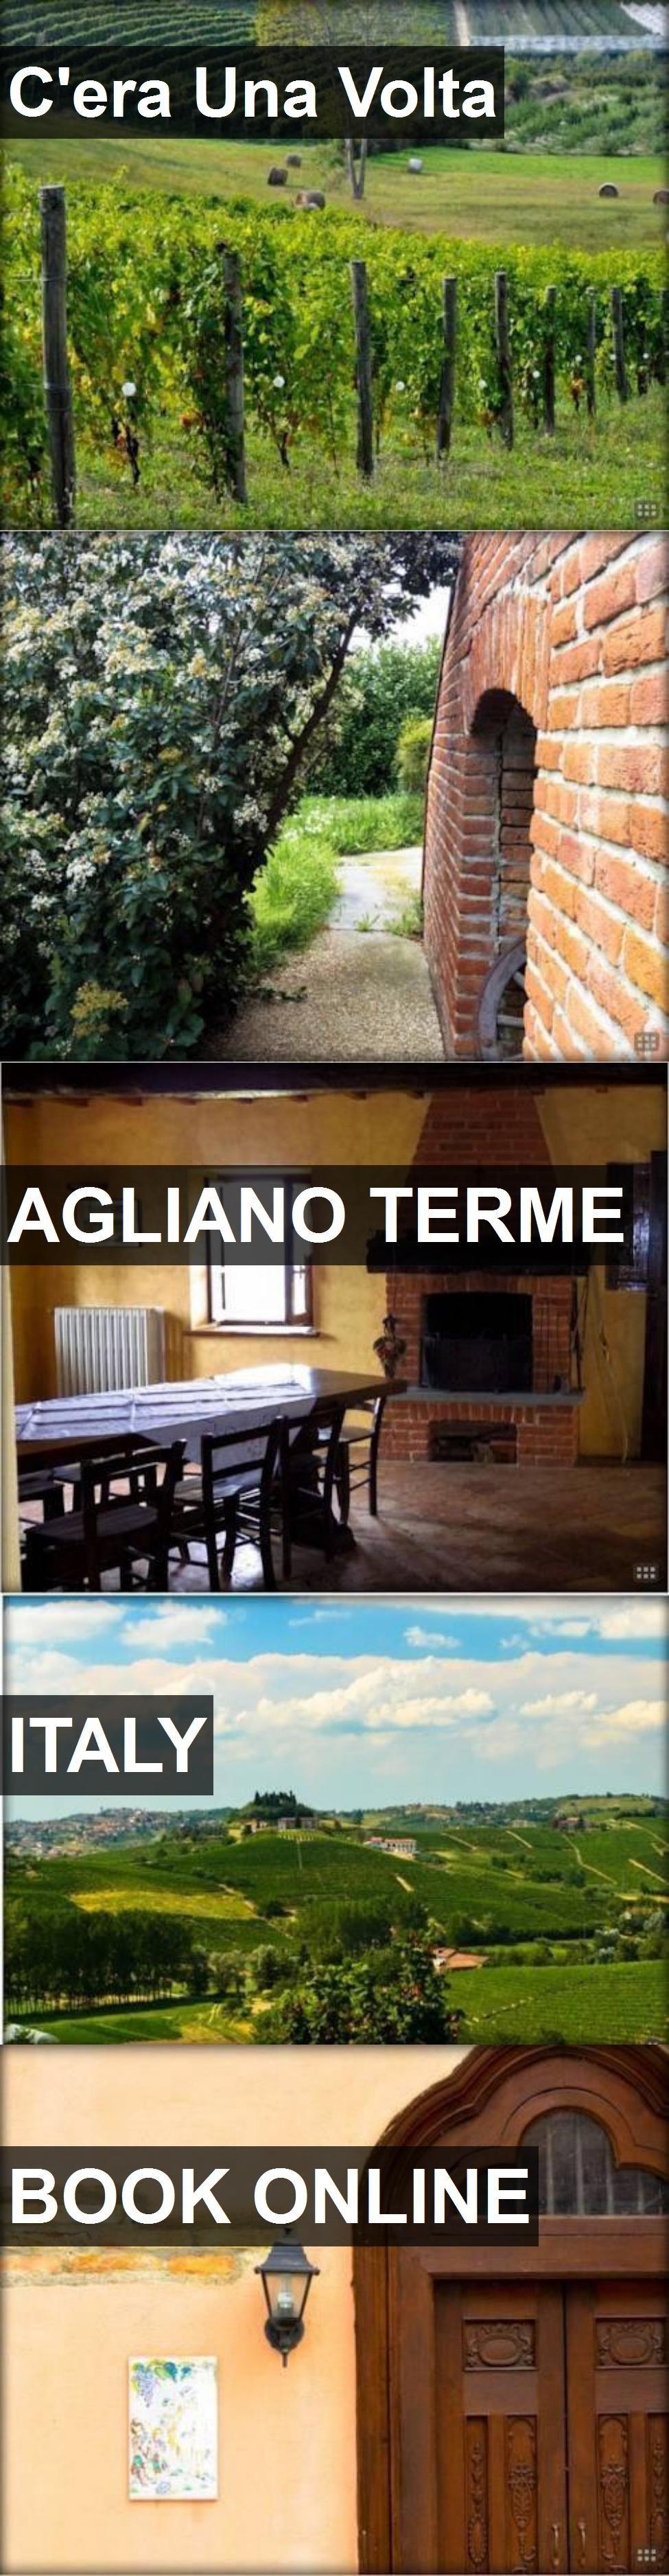 Hotel C'era Una Volta in Agliano Terme, Italy. For more